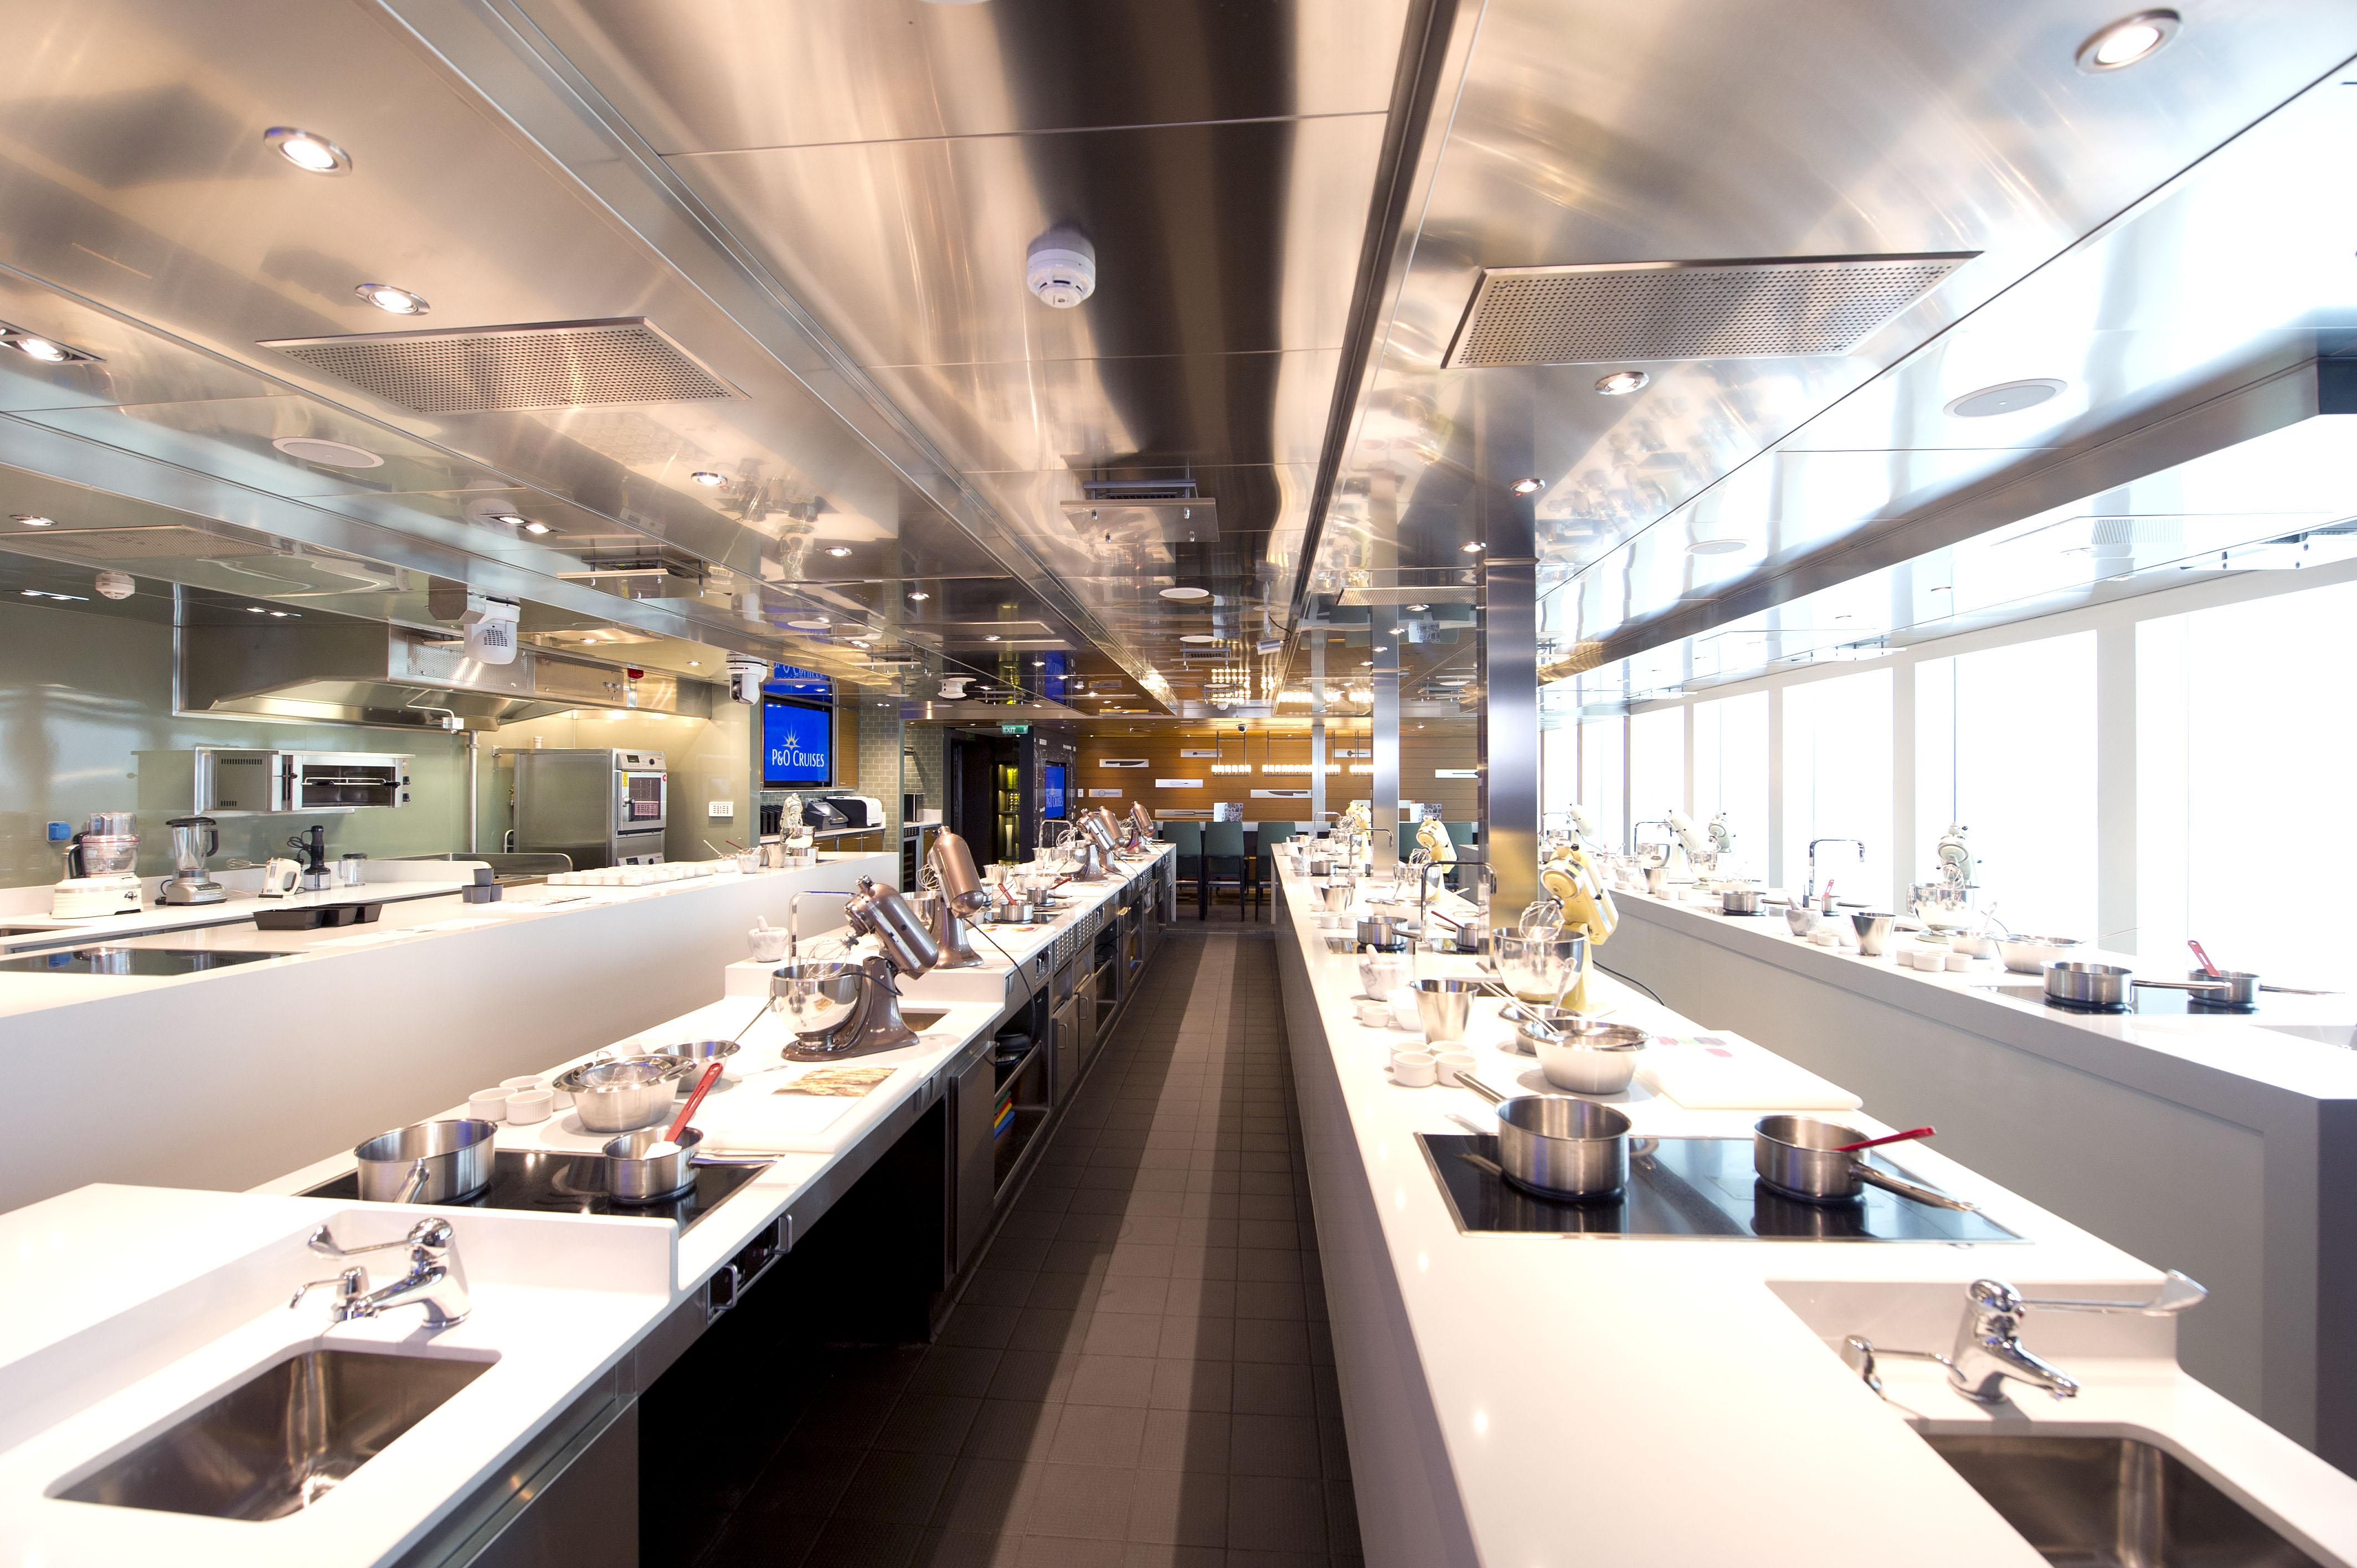 P&O Cruises Britannia Interior Cookery Club Ds39537.jpg